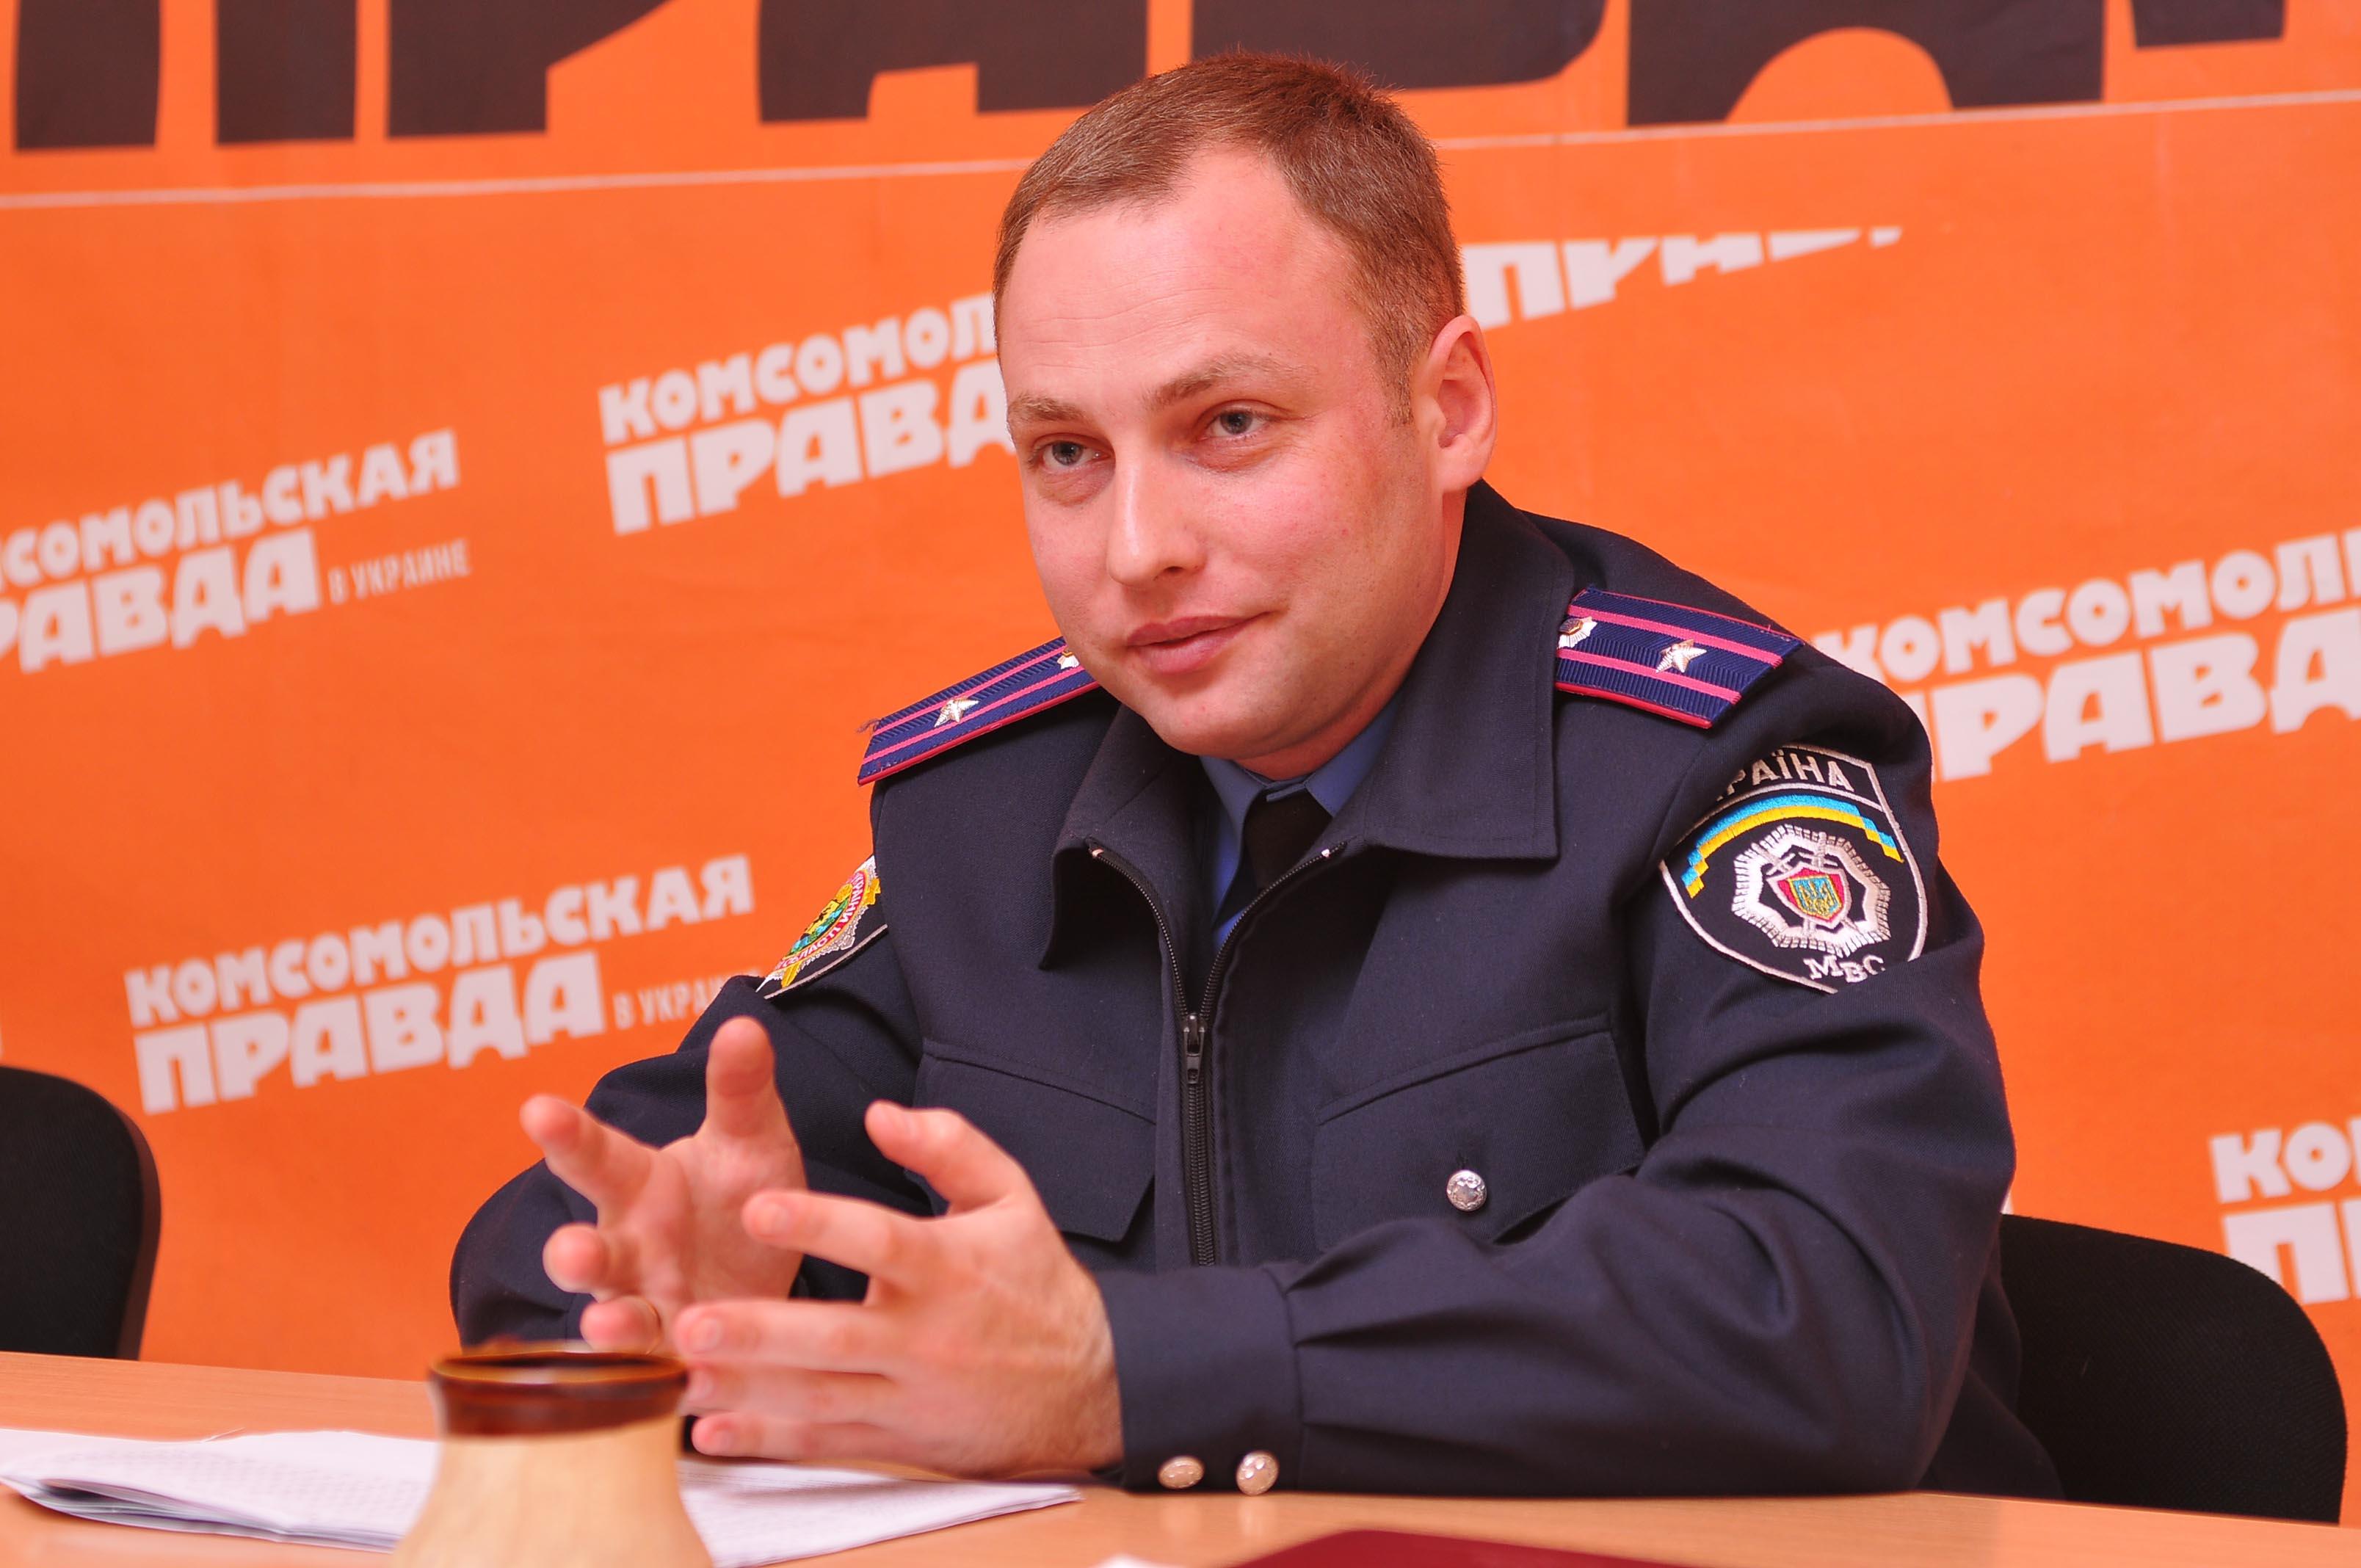 Экономии ради. МВД Украины предлагает местным властям платить зарплату милиционерам